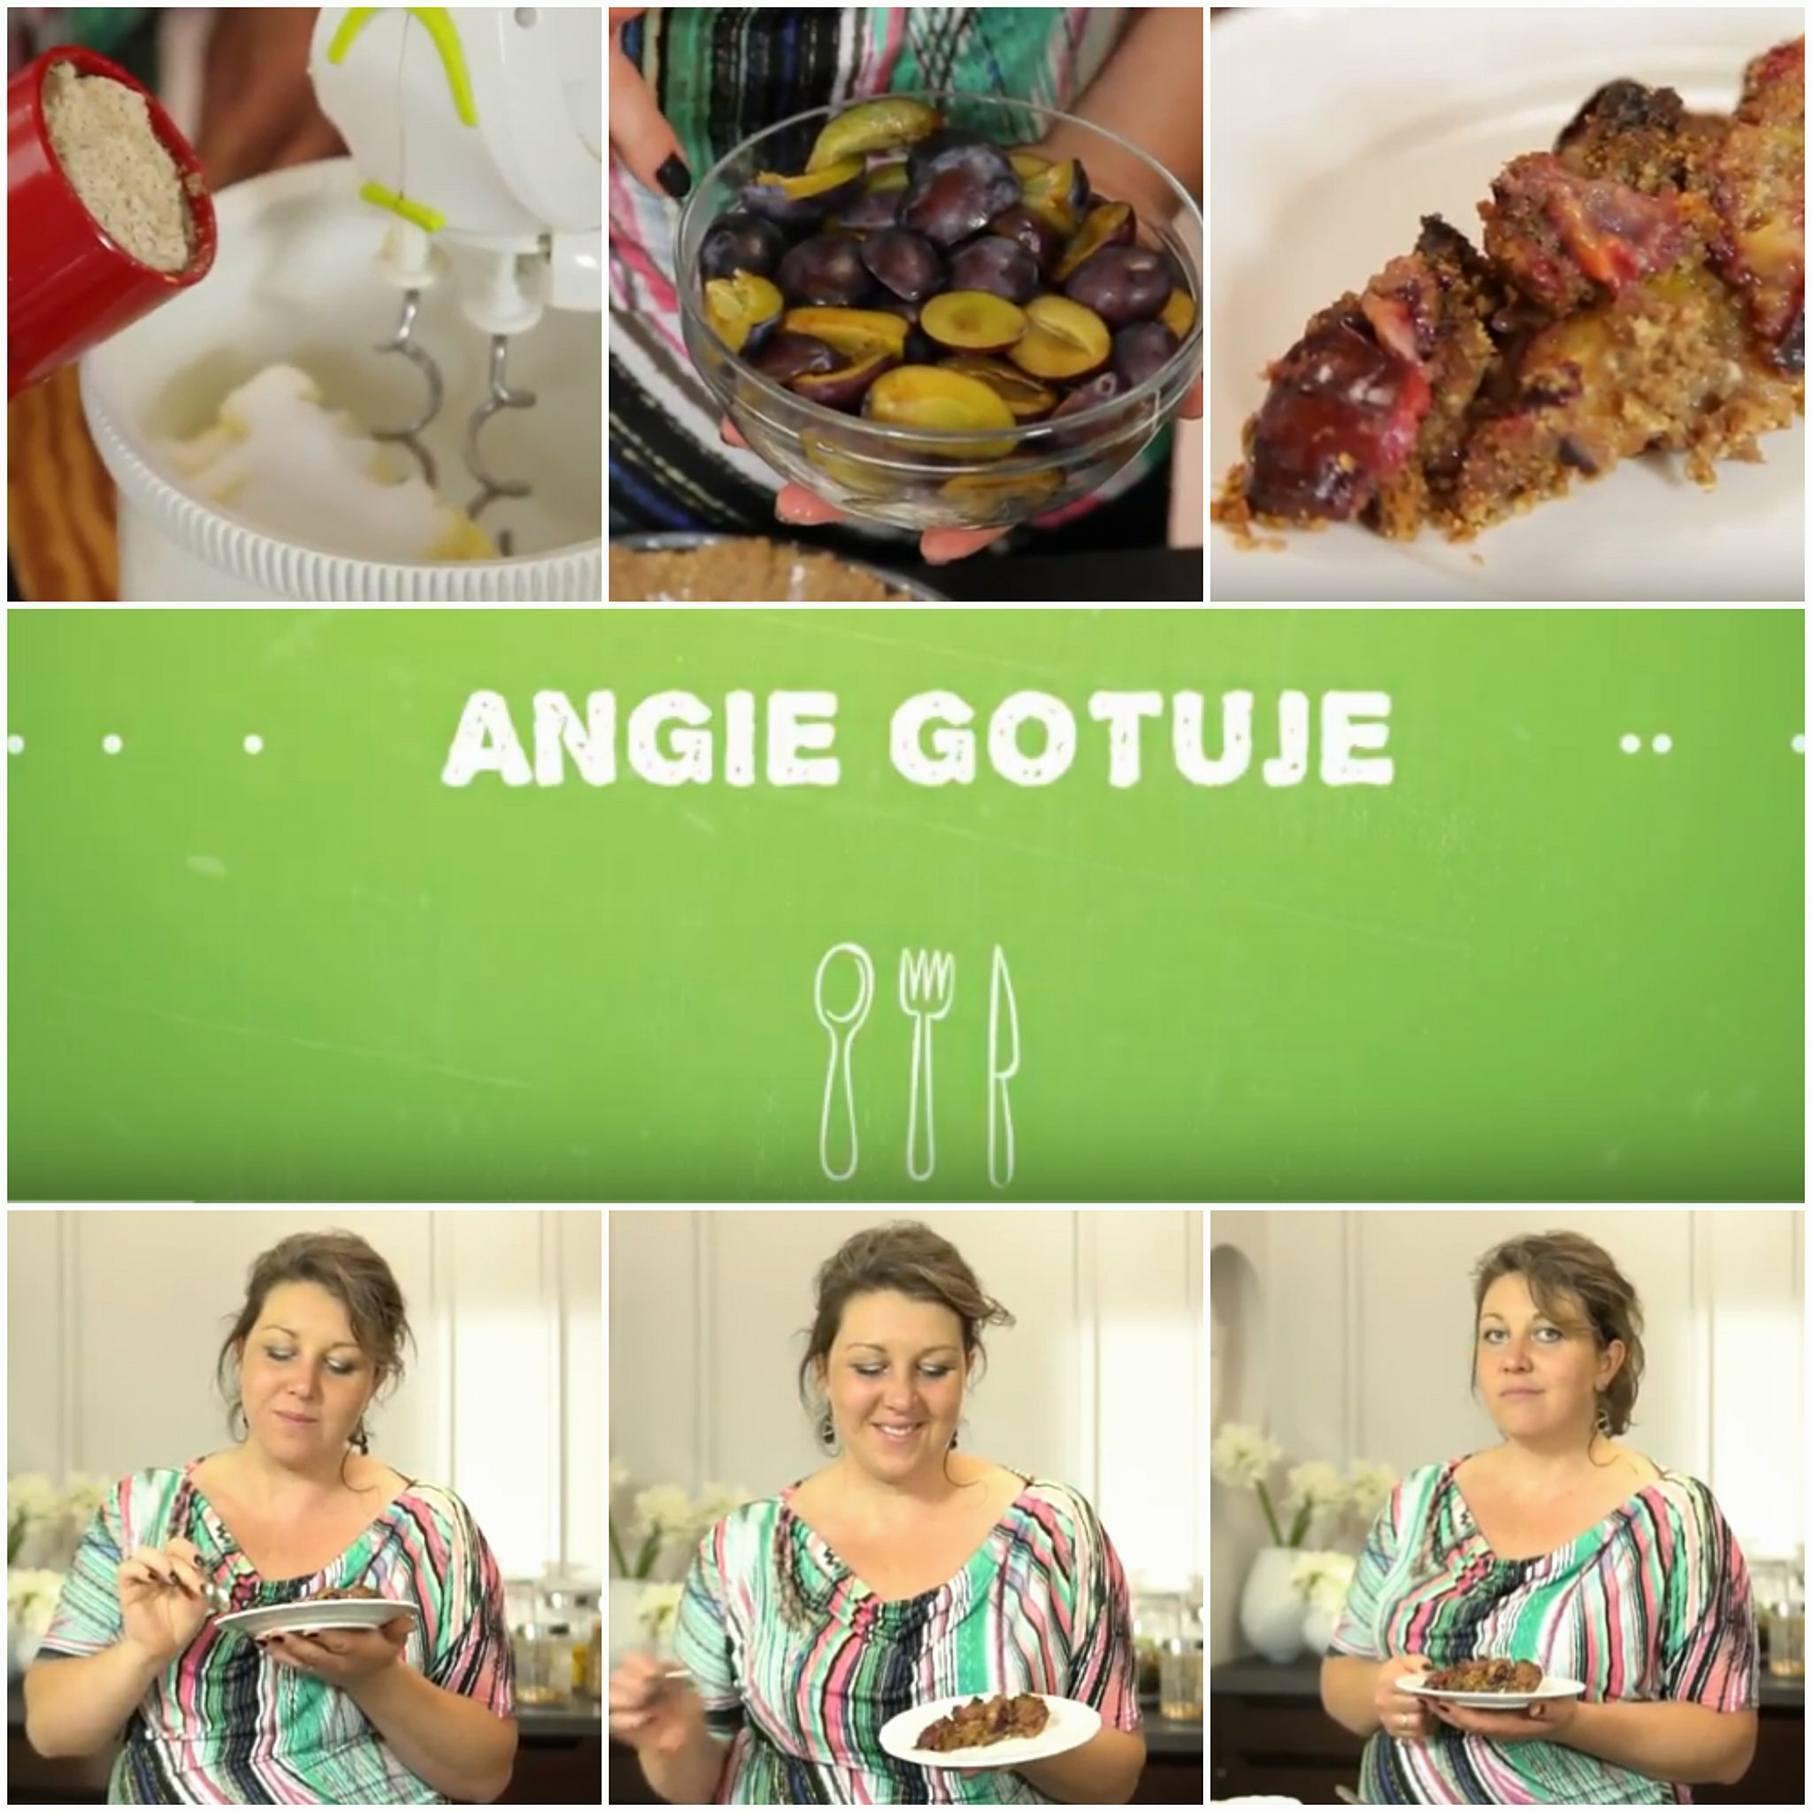 angie gotuje tarta ze śliwkami